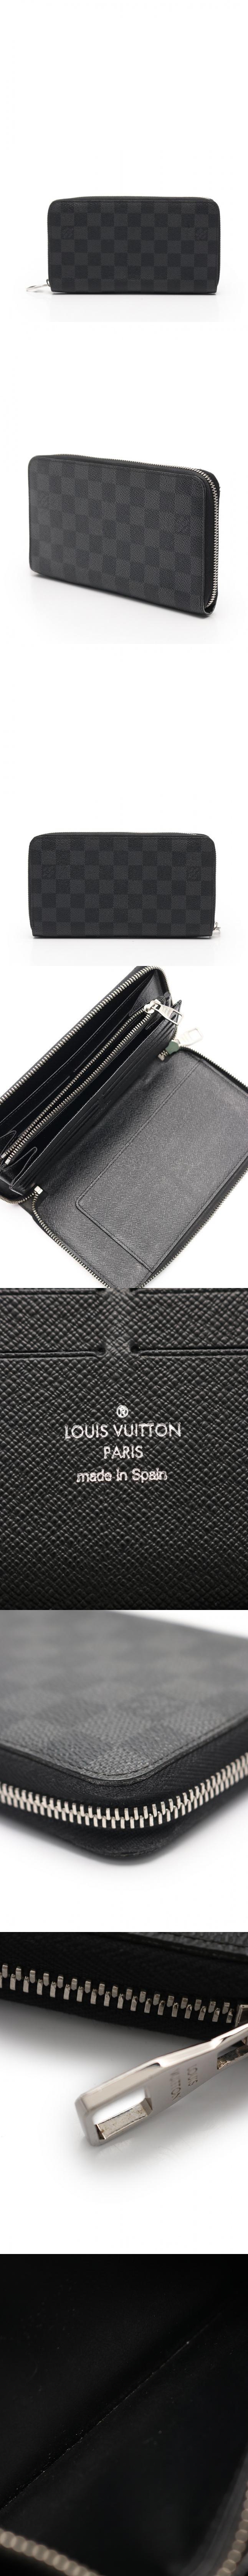 ラウンドファスナー長財布 ジッピーオーガナイザー ダミエグラフィット 黒 小物 PVC N63077